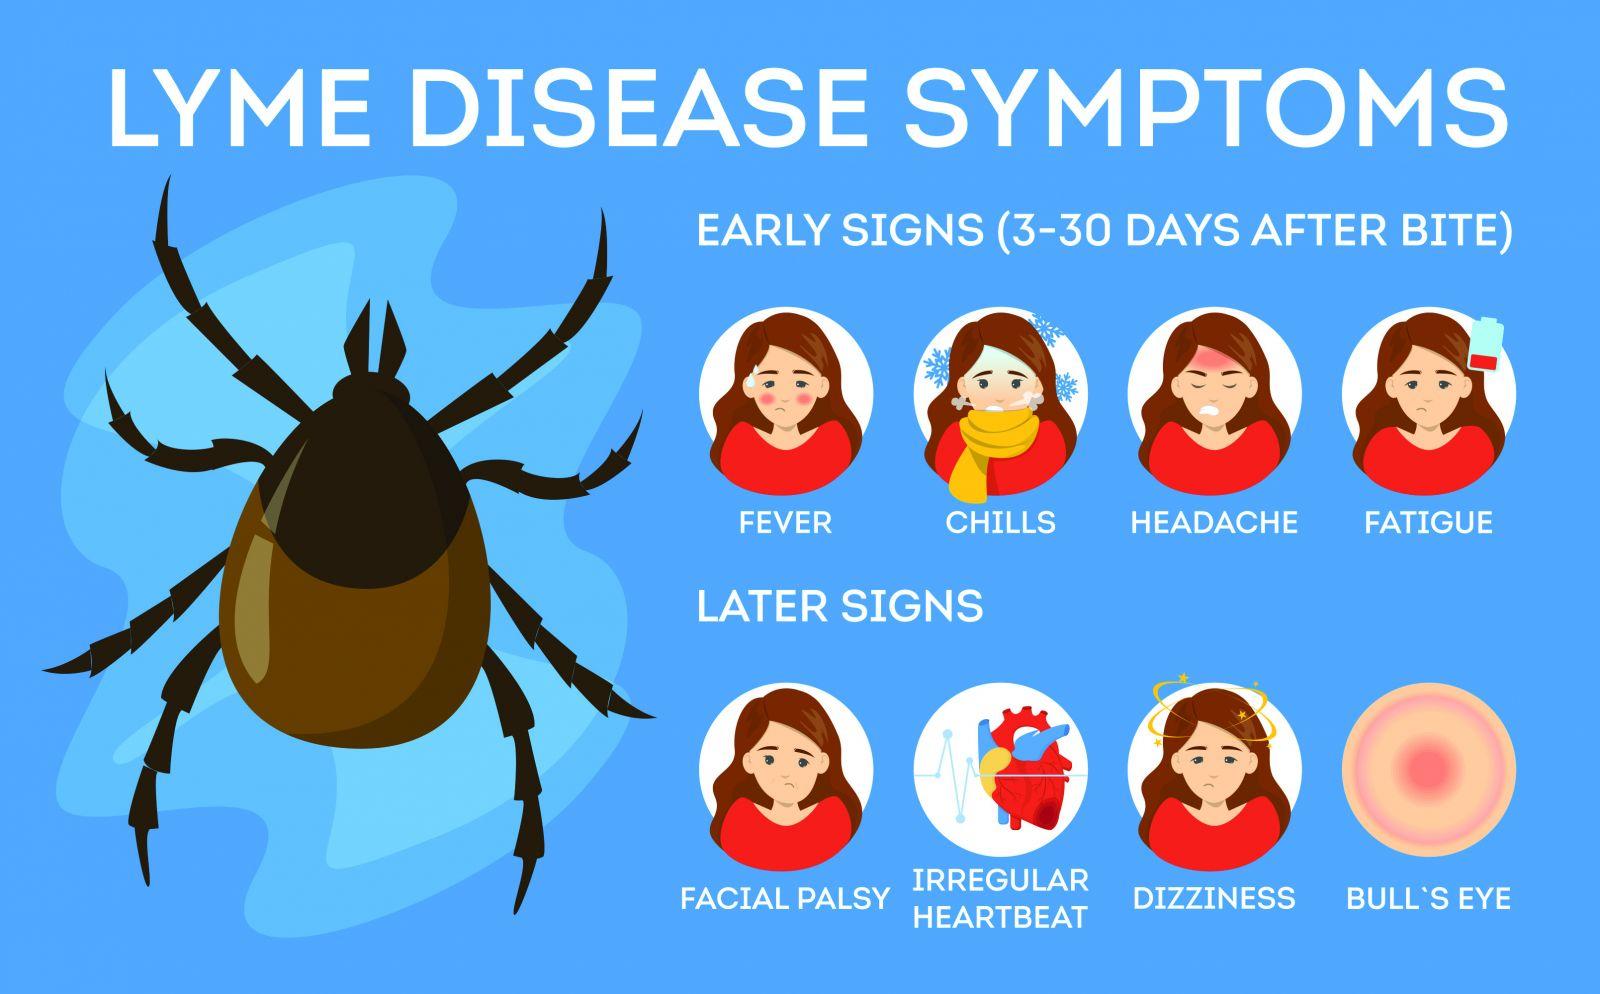 مرض لايم المنتشر في مقاطعة كيبيك تاريخه و أعراضه و طرق الوقاية منه